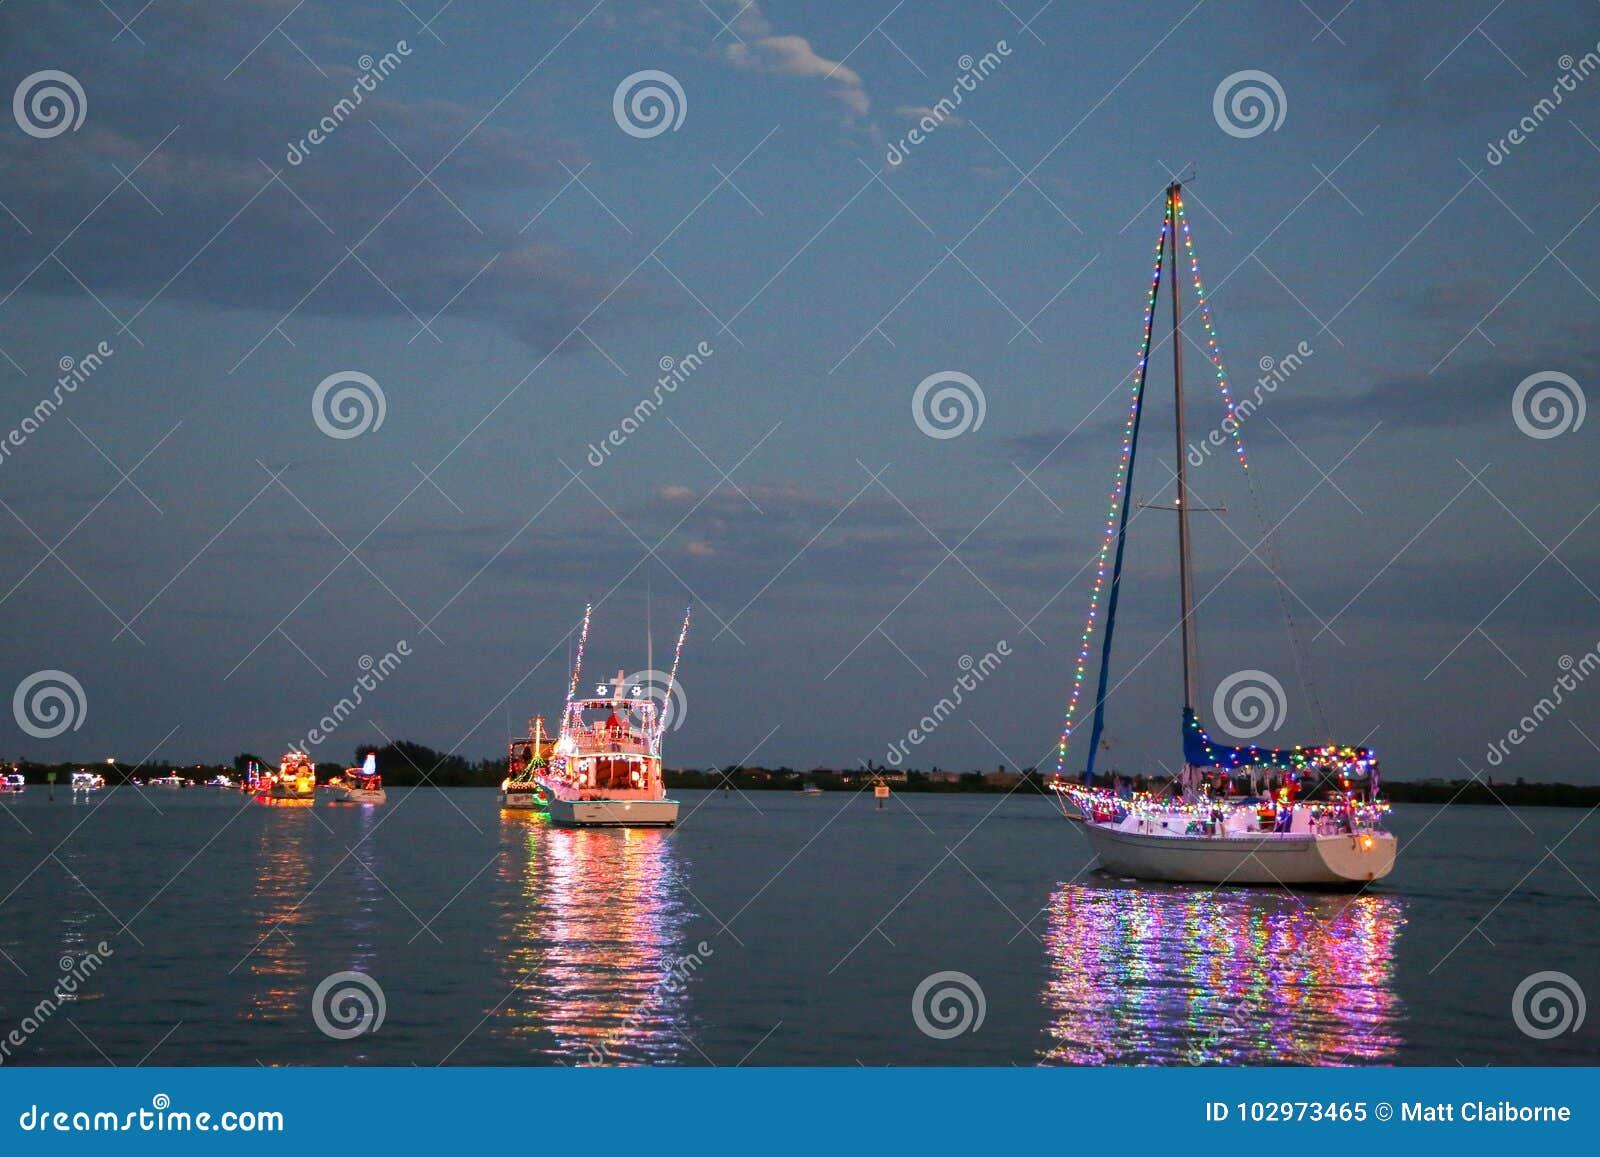 Energie und Segelboote nehmen an einer Holida-Boots-Parade teil